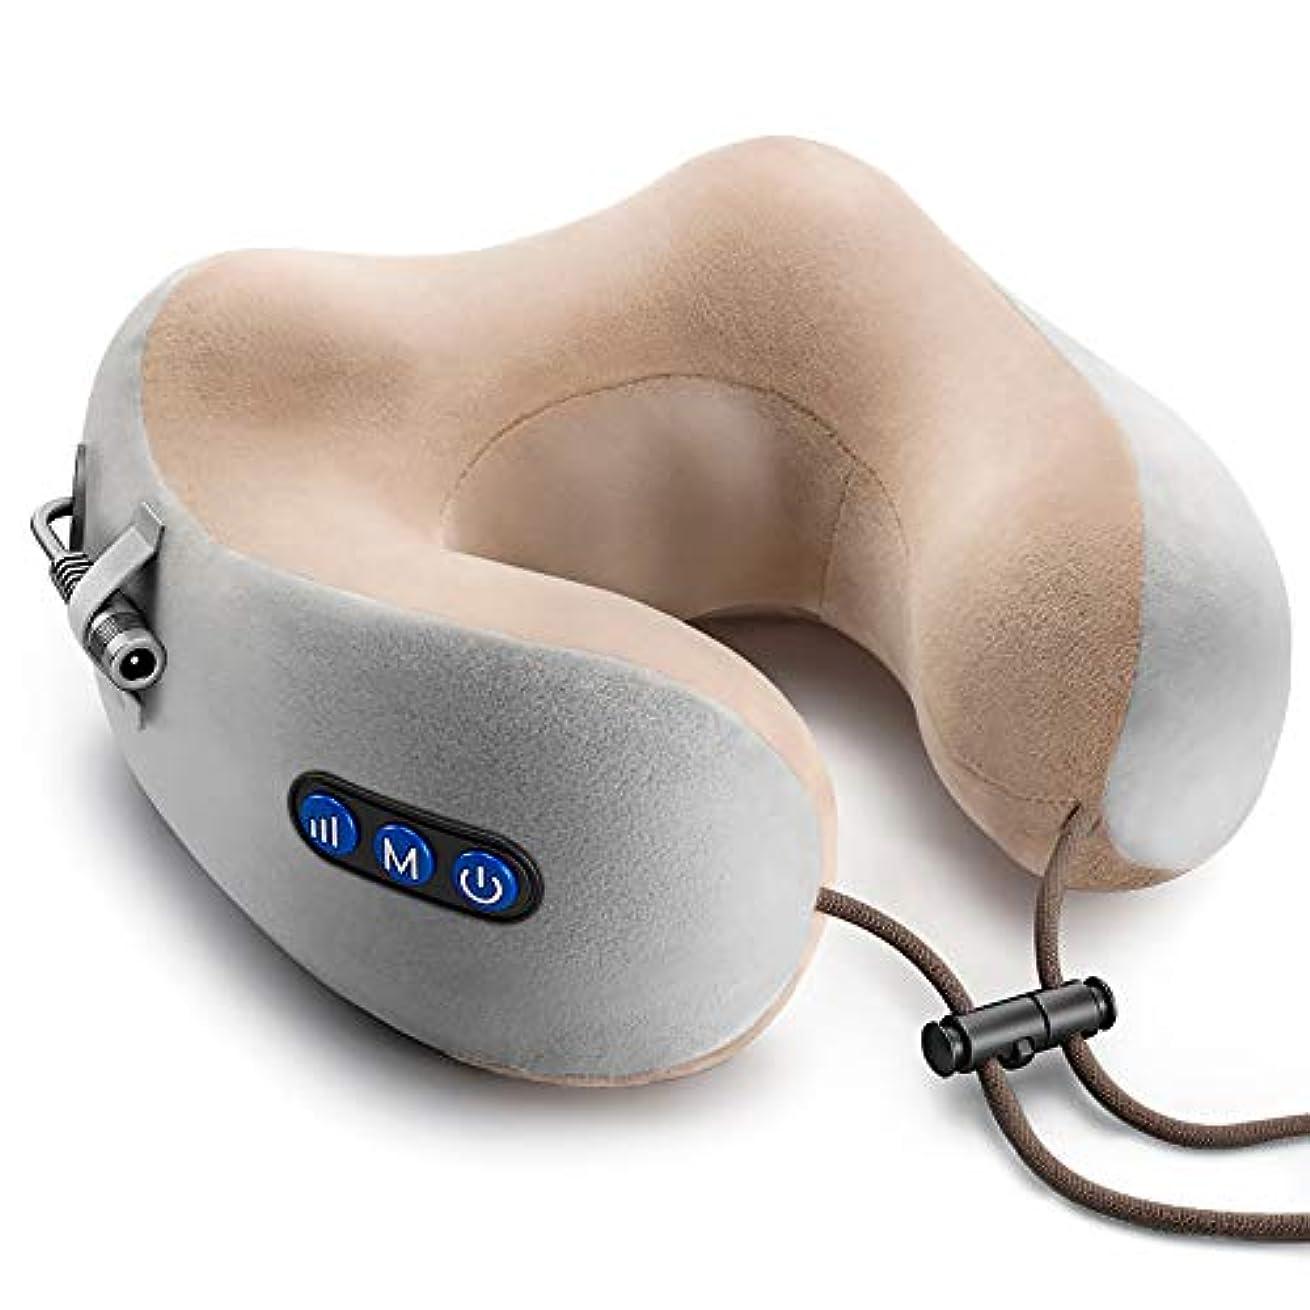 会話型バインド小売首マッサージャー ネックマッサージャー U型 USB充電式 3モード 低反発ネックマッサージピロー 自動オフ機能 肩こり ストレス解消 多機能 人間工学 日本語取扱説明書付 プレゼント